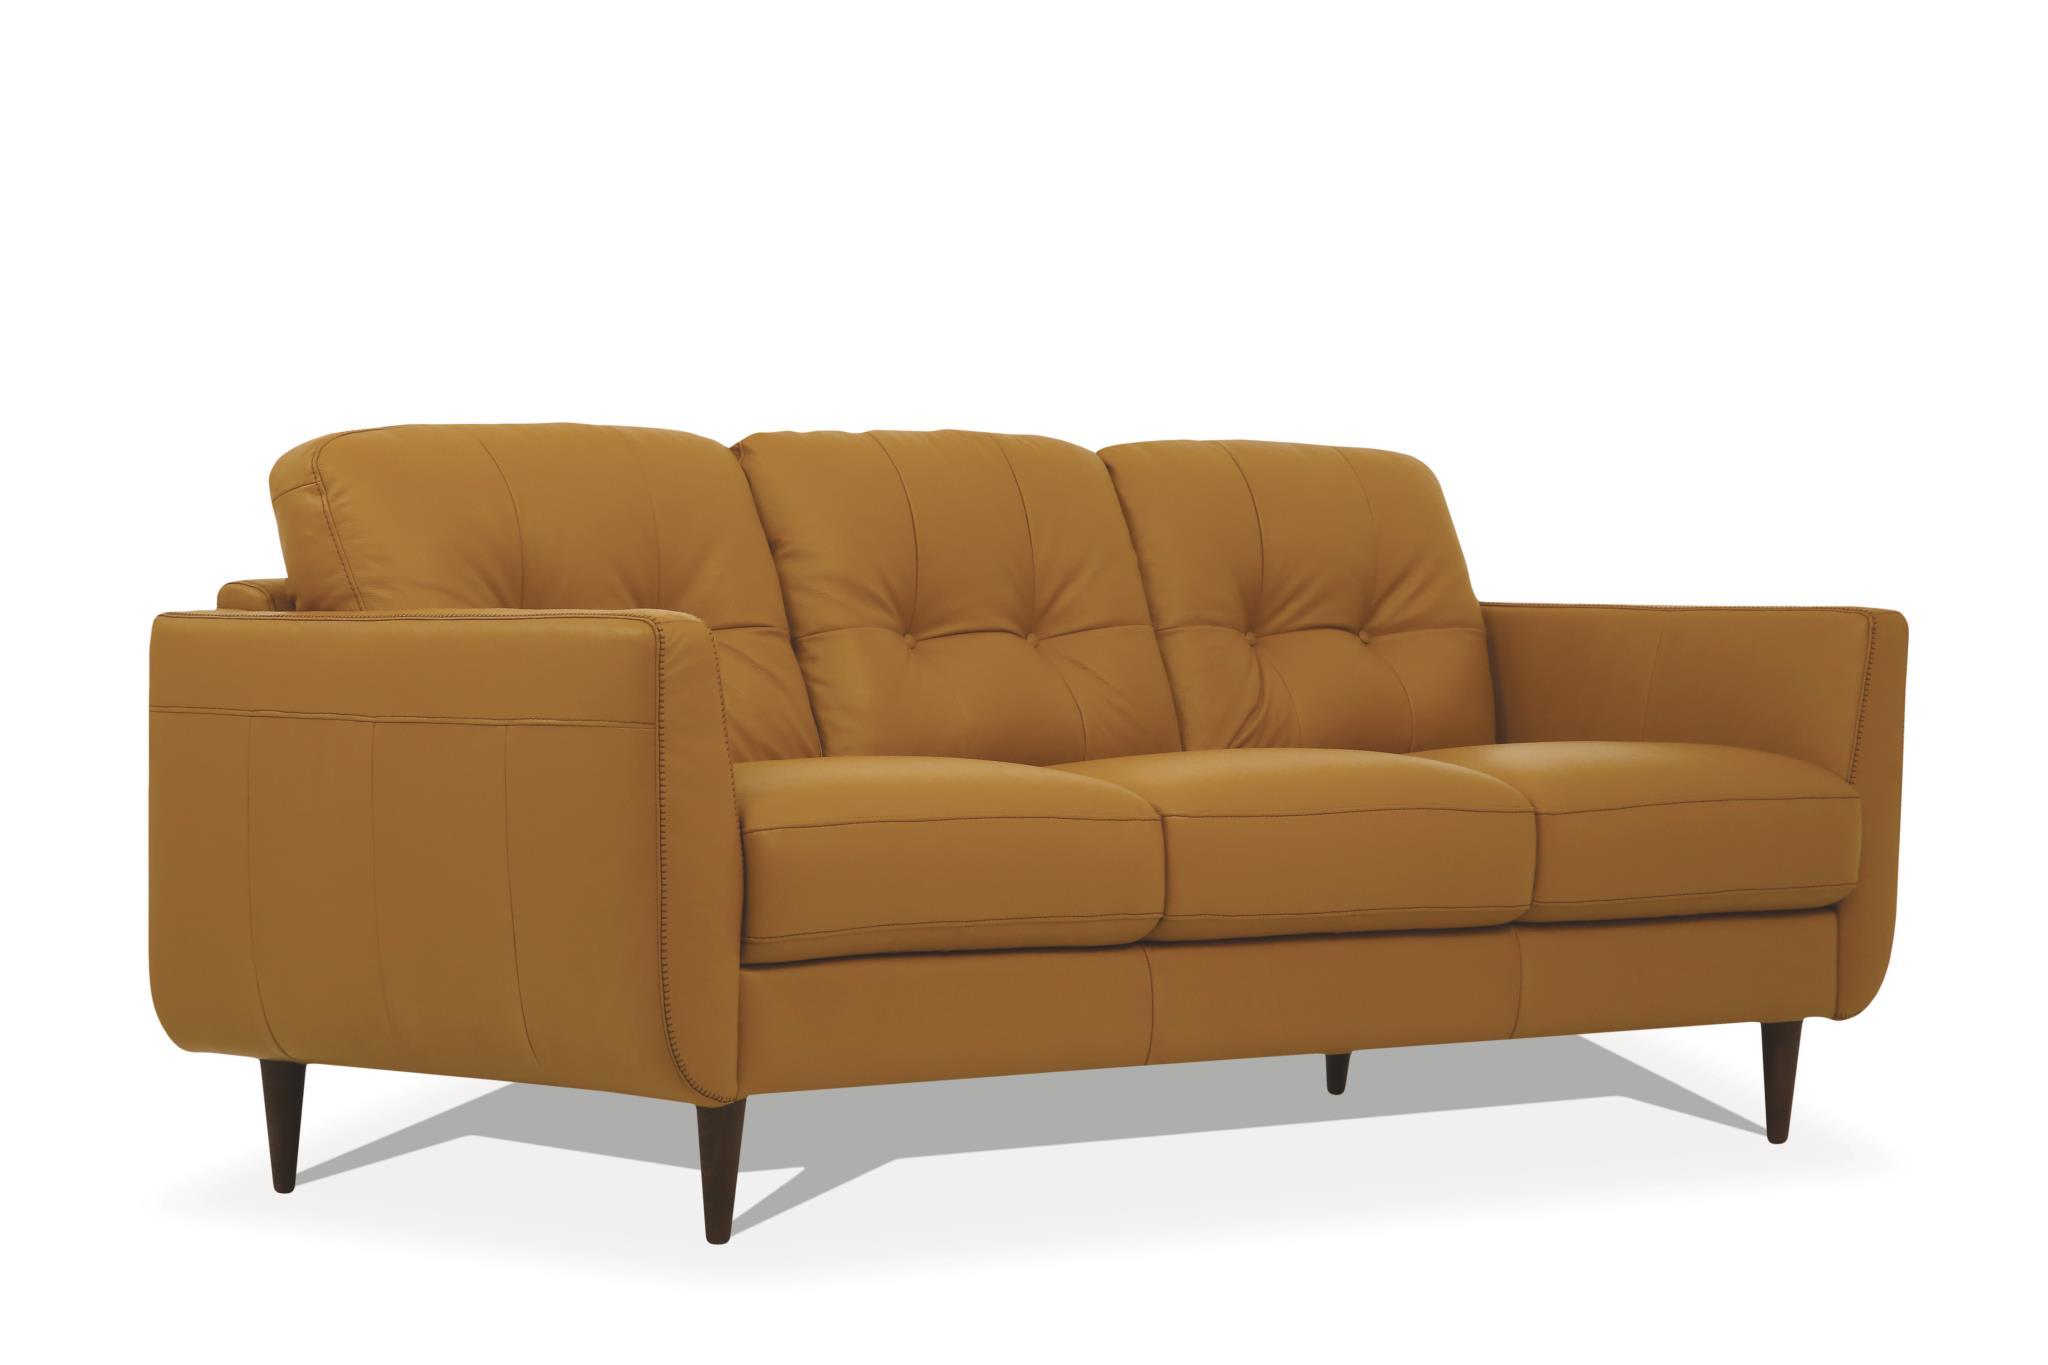 Camel Sofa